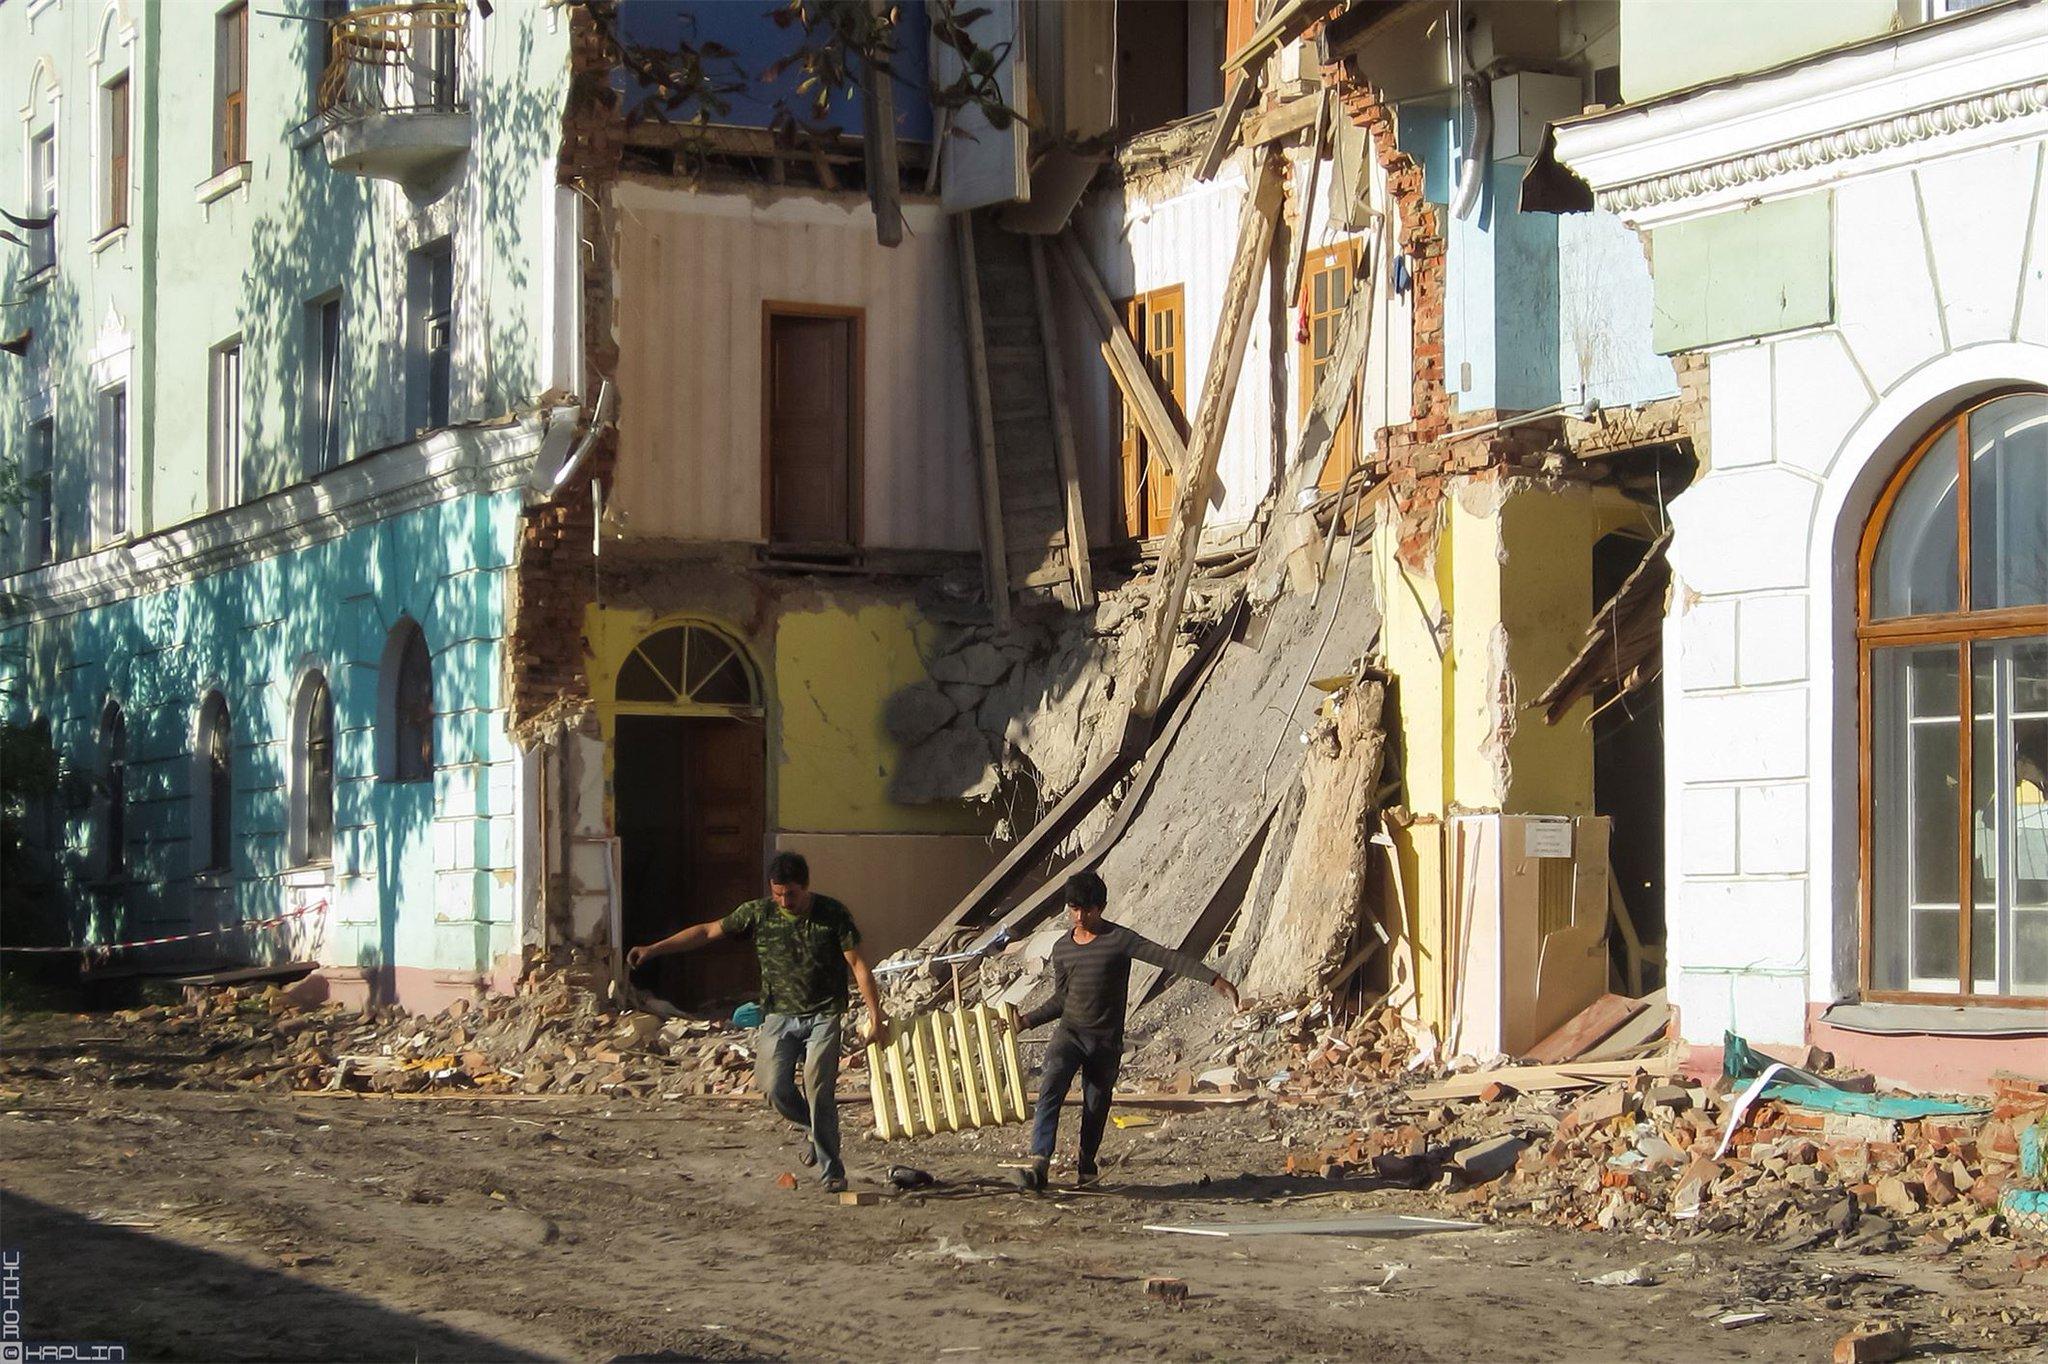 штурма квартиры г орел фото обвалившегося дома около универмага окраске